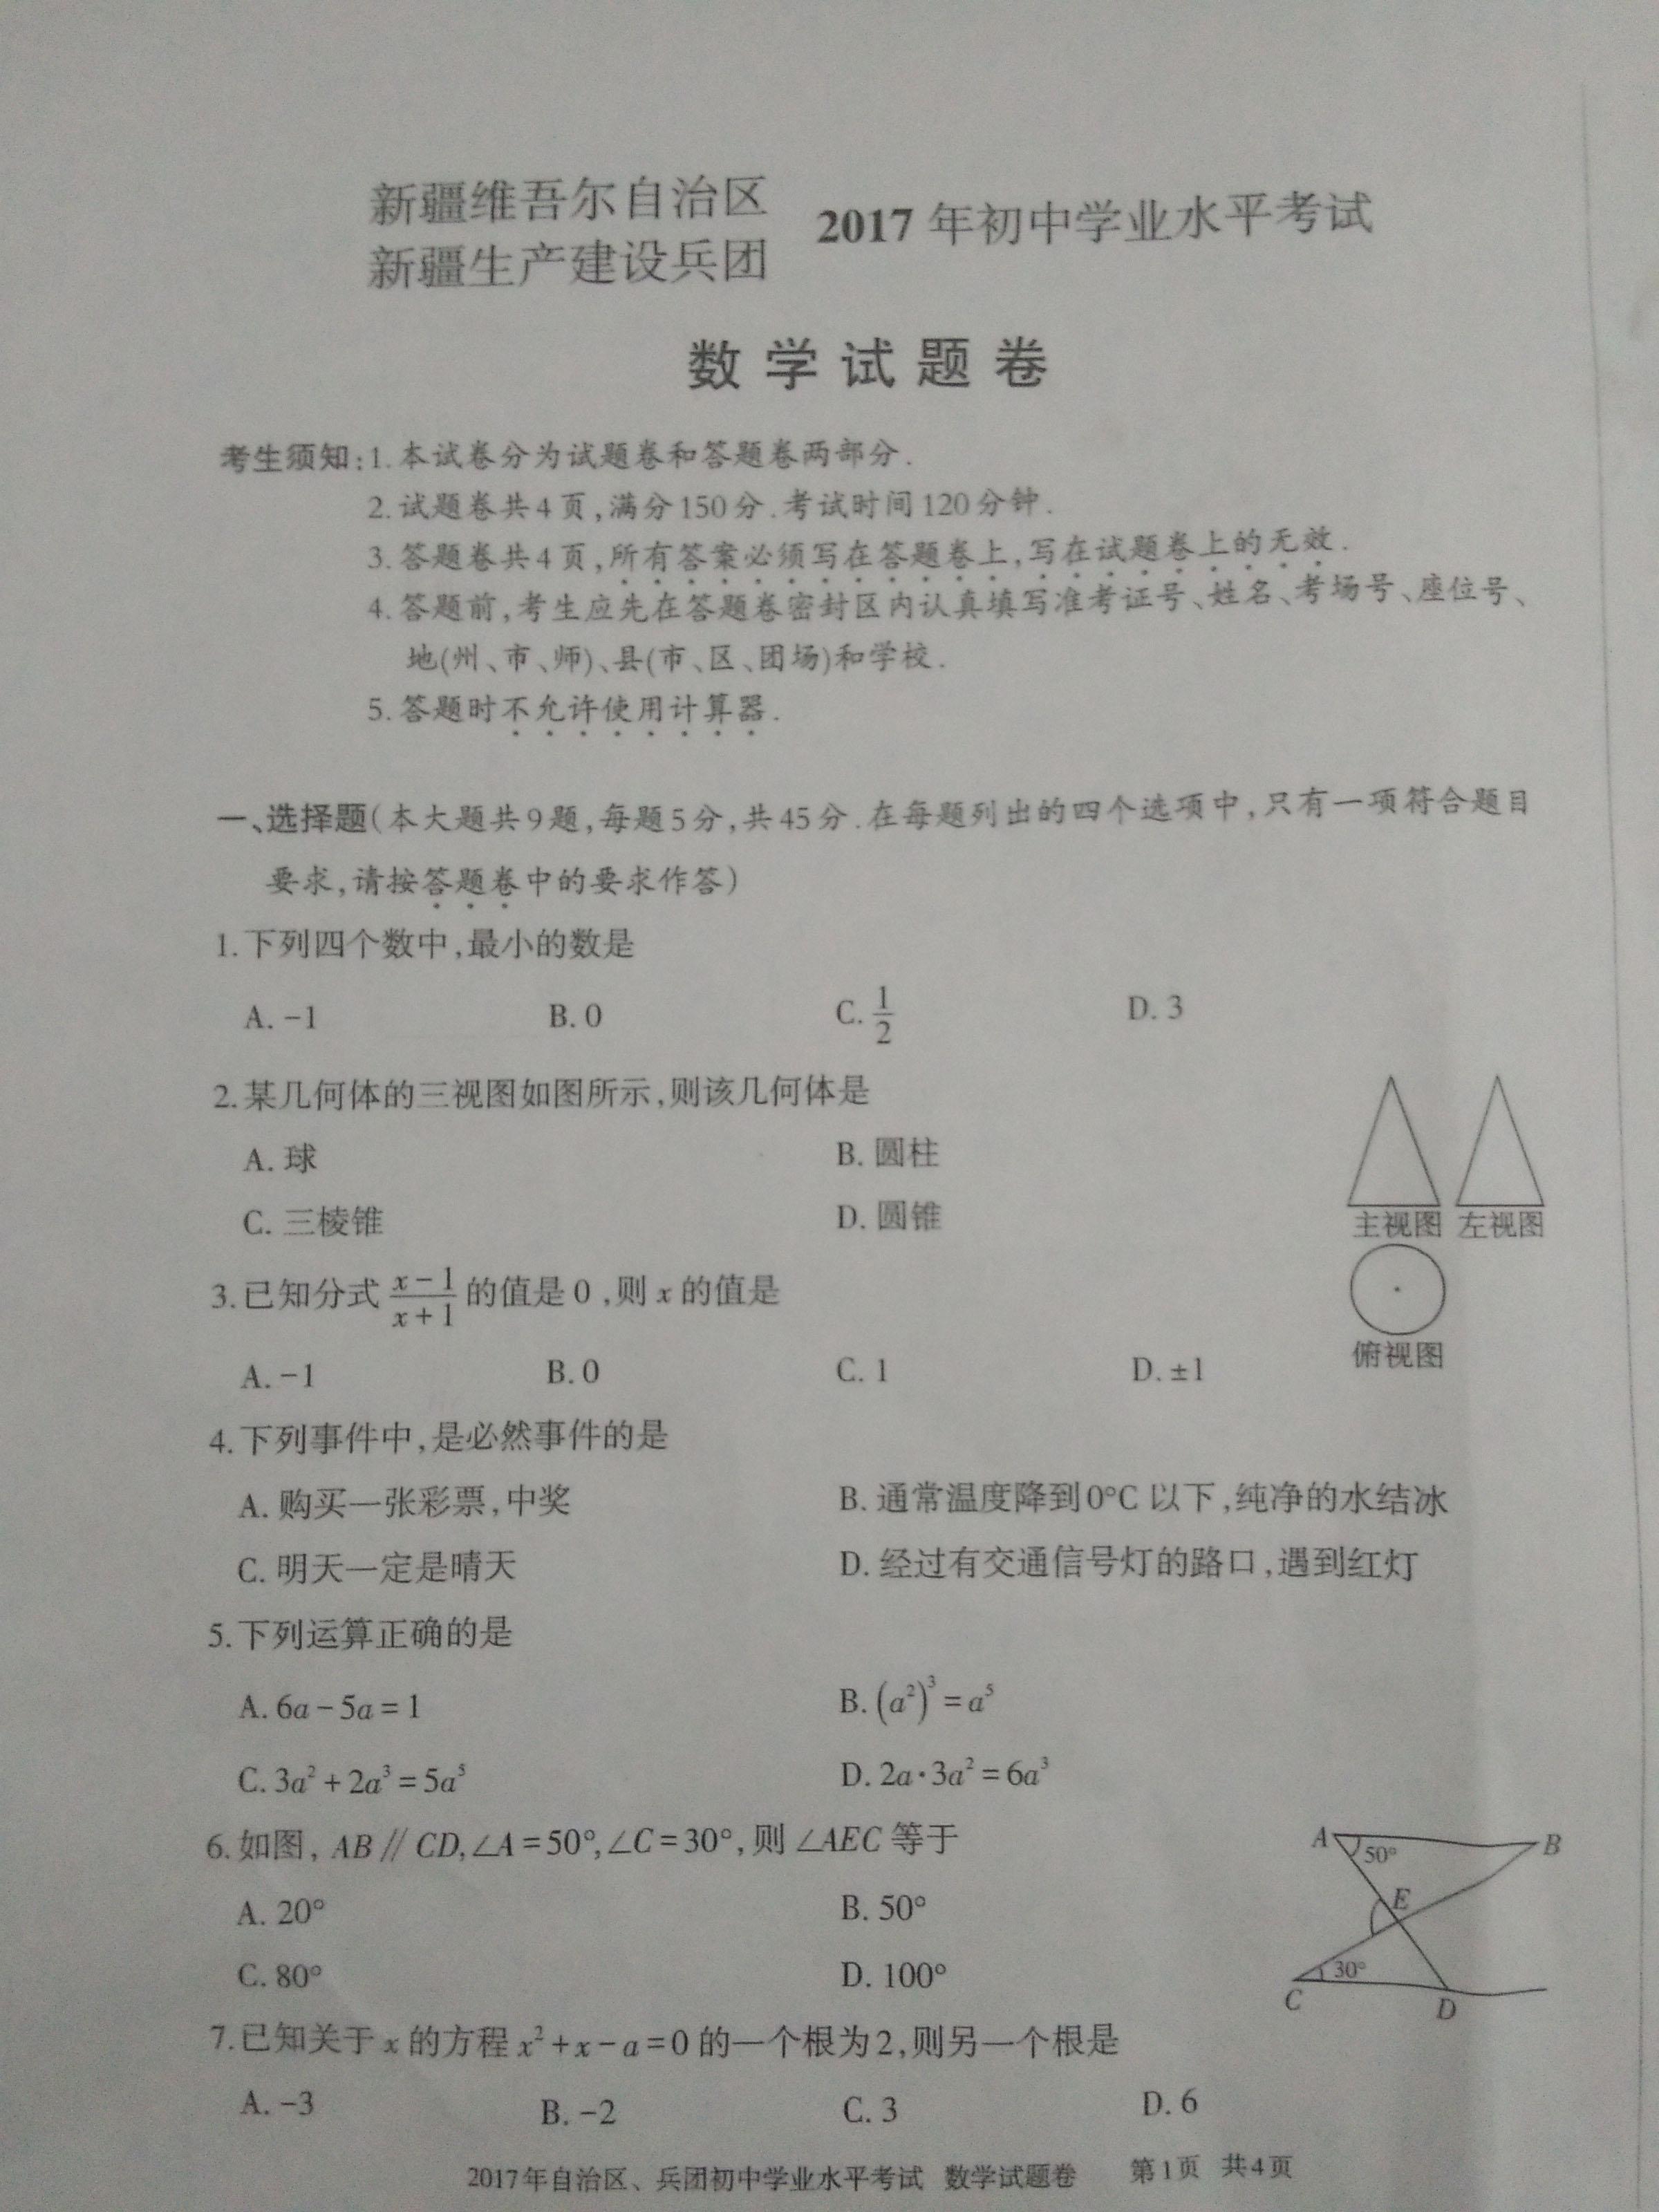 2017年新疆维吾尔自治区中考数学真题图1